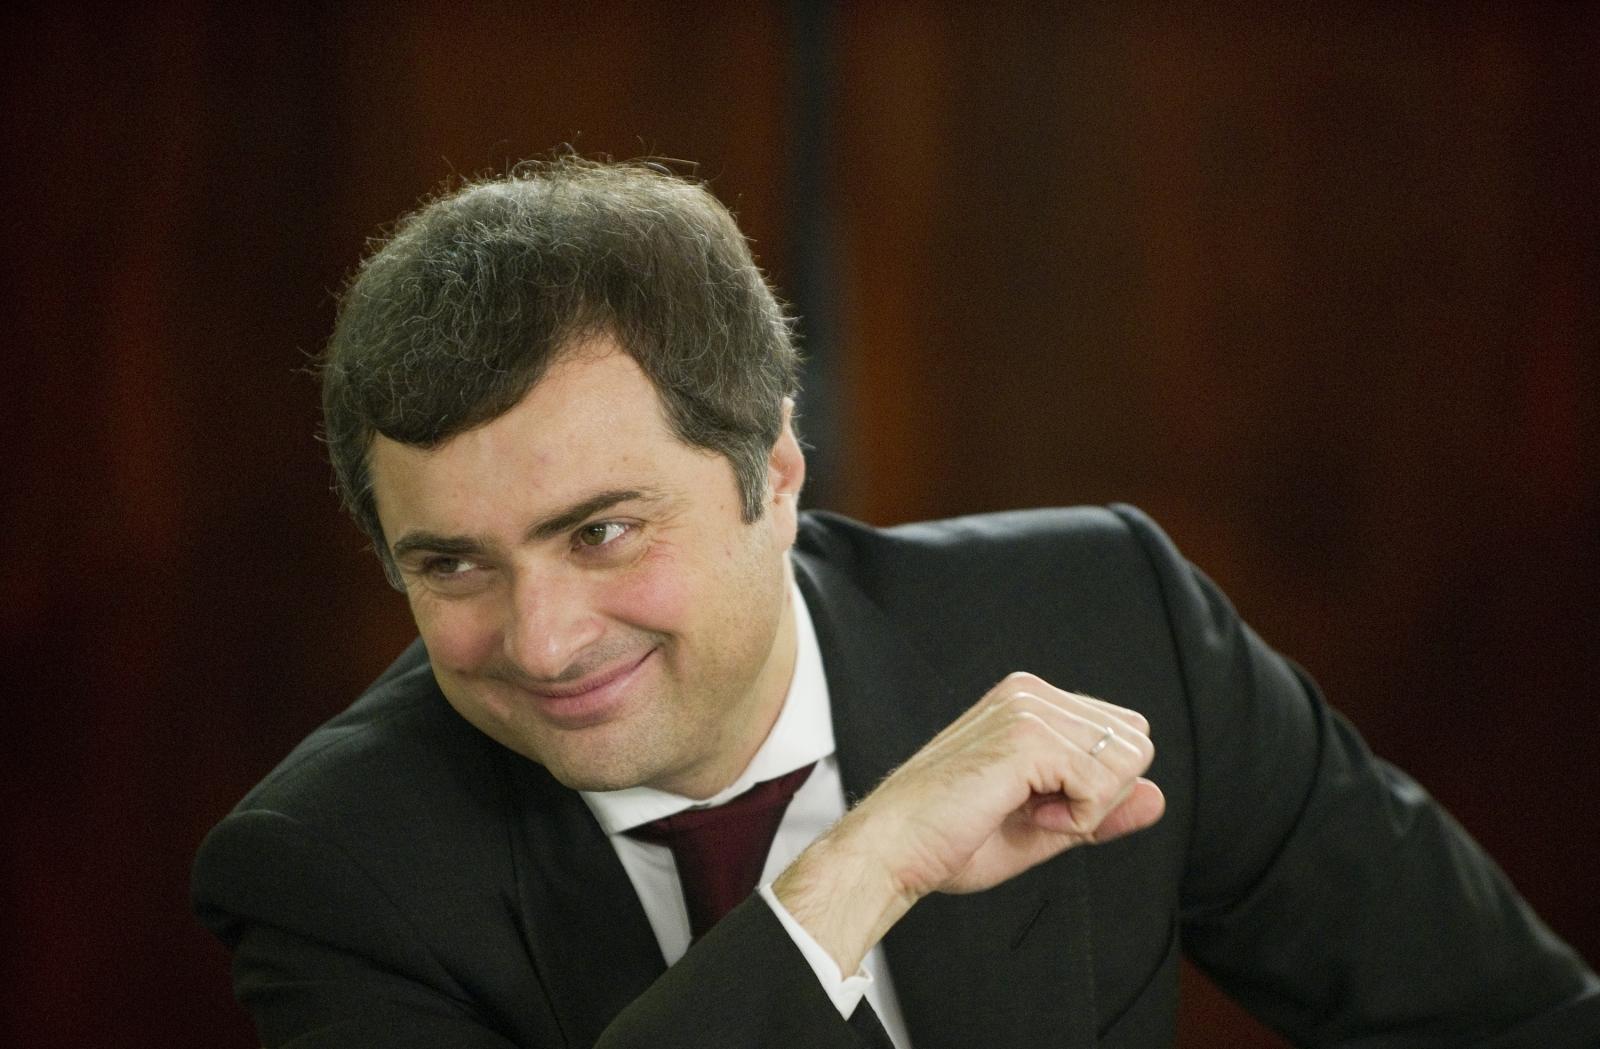 Vladislave Surkov smiles